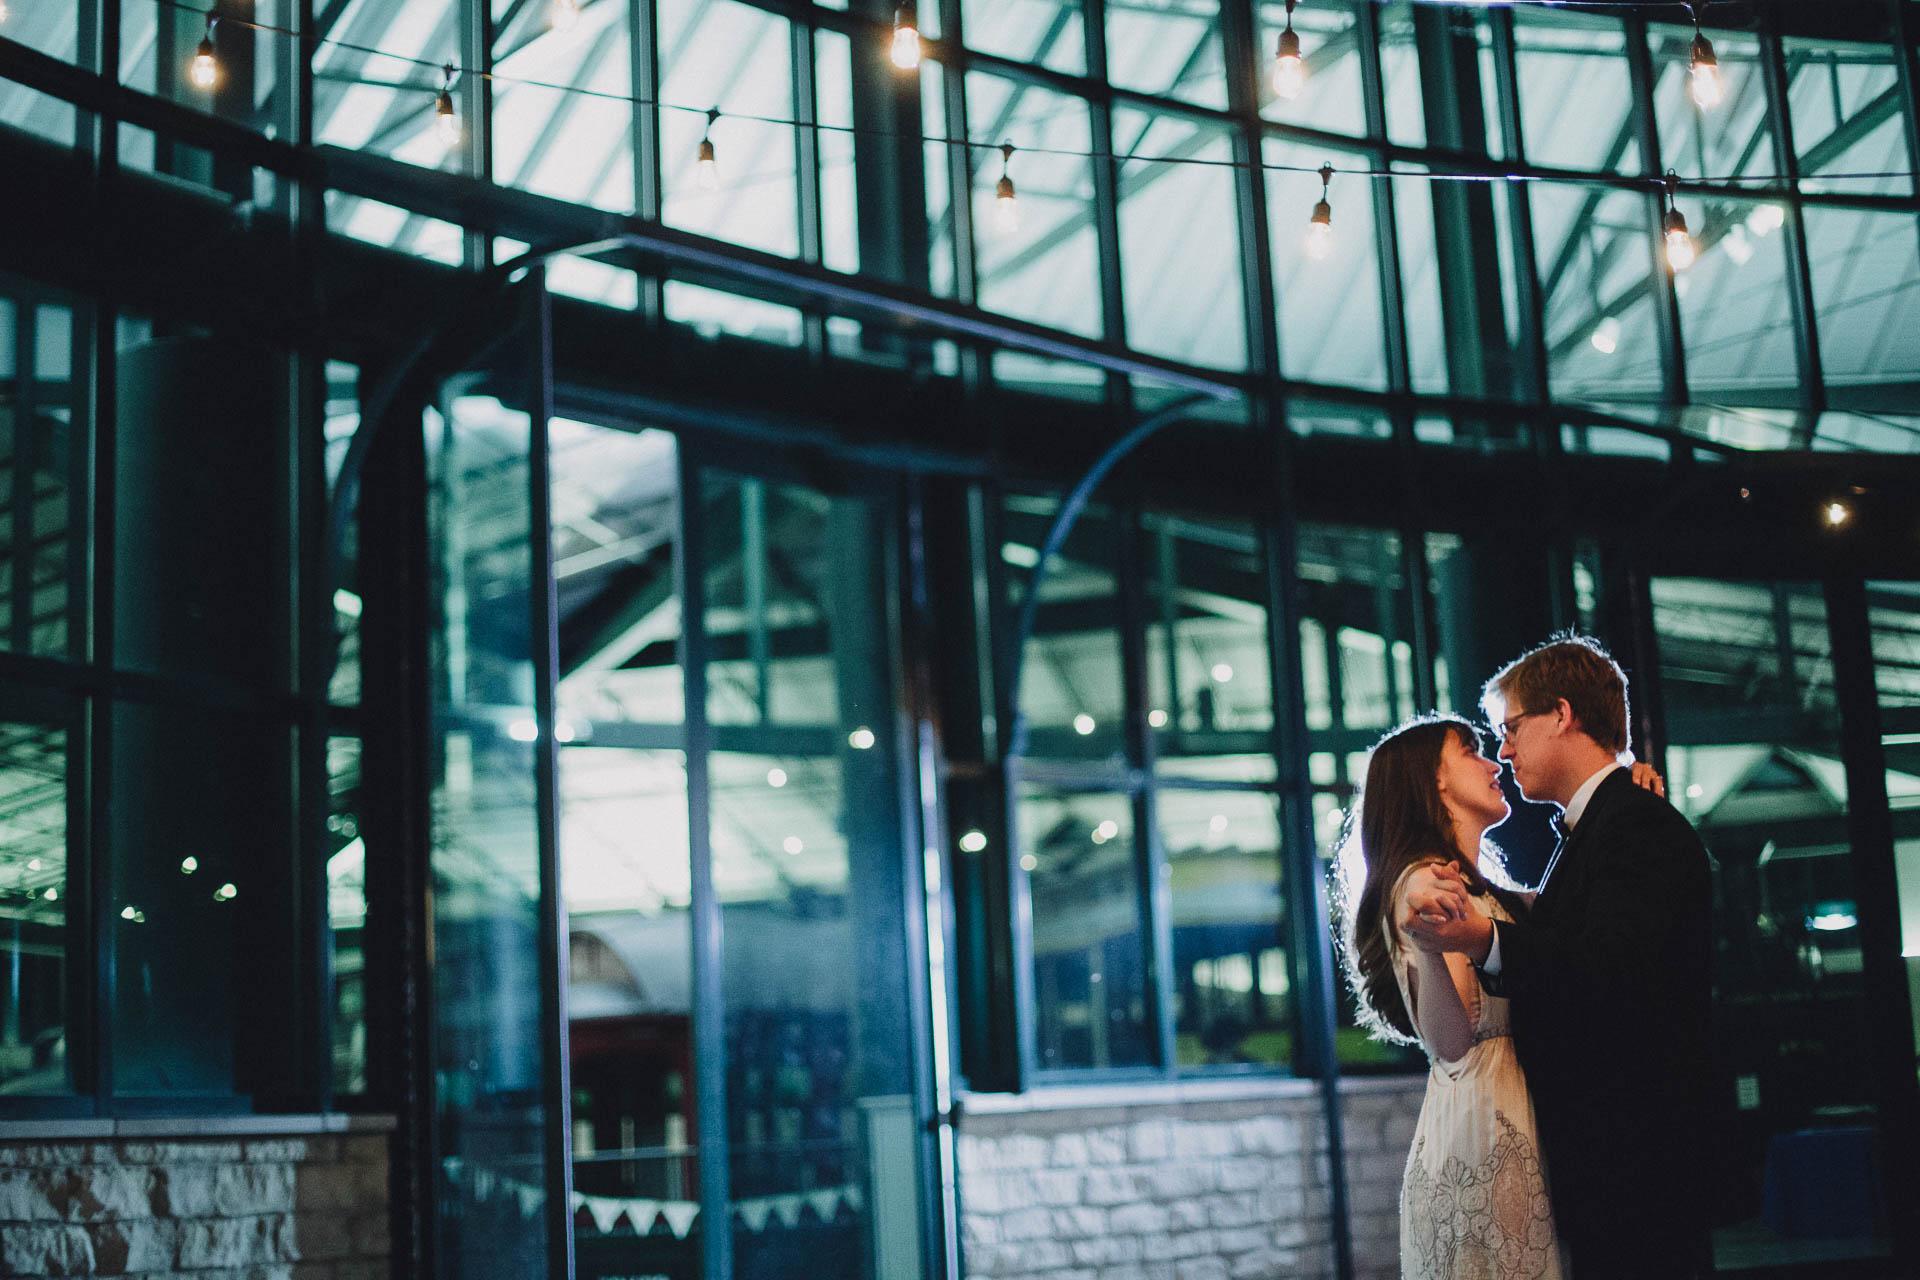 Megan-Paul-Ohio-English-Garden-Wedding-139@2x.jpg